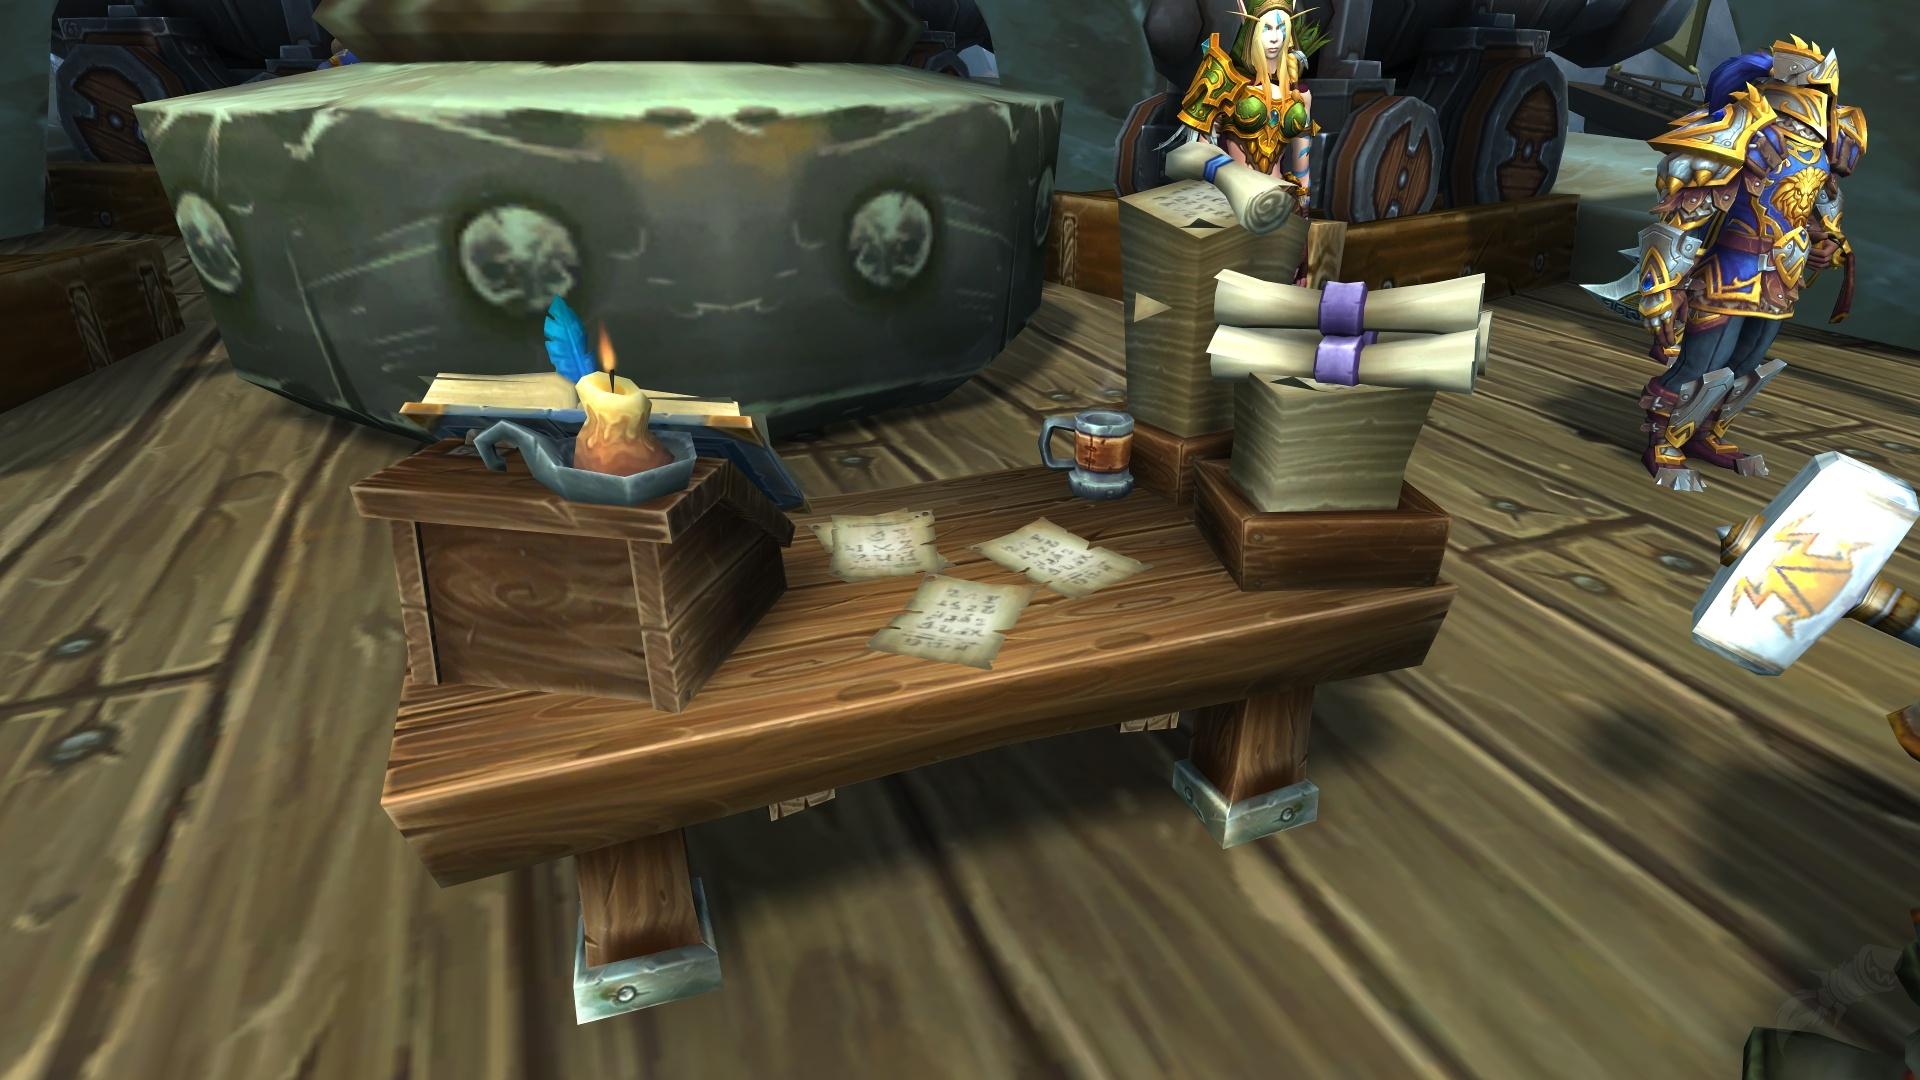 Spy Versus Spy Quest World Of Warcraft